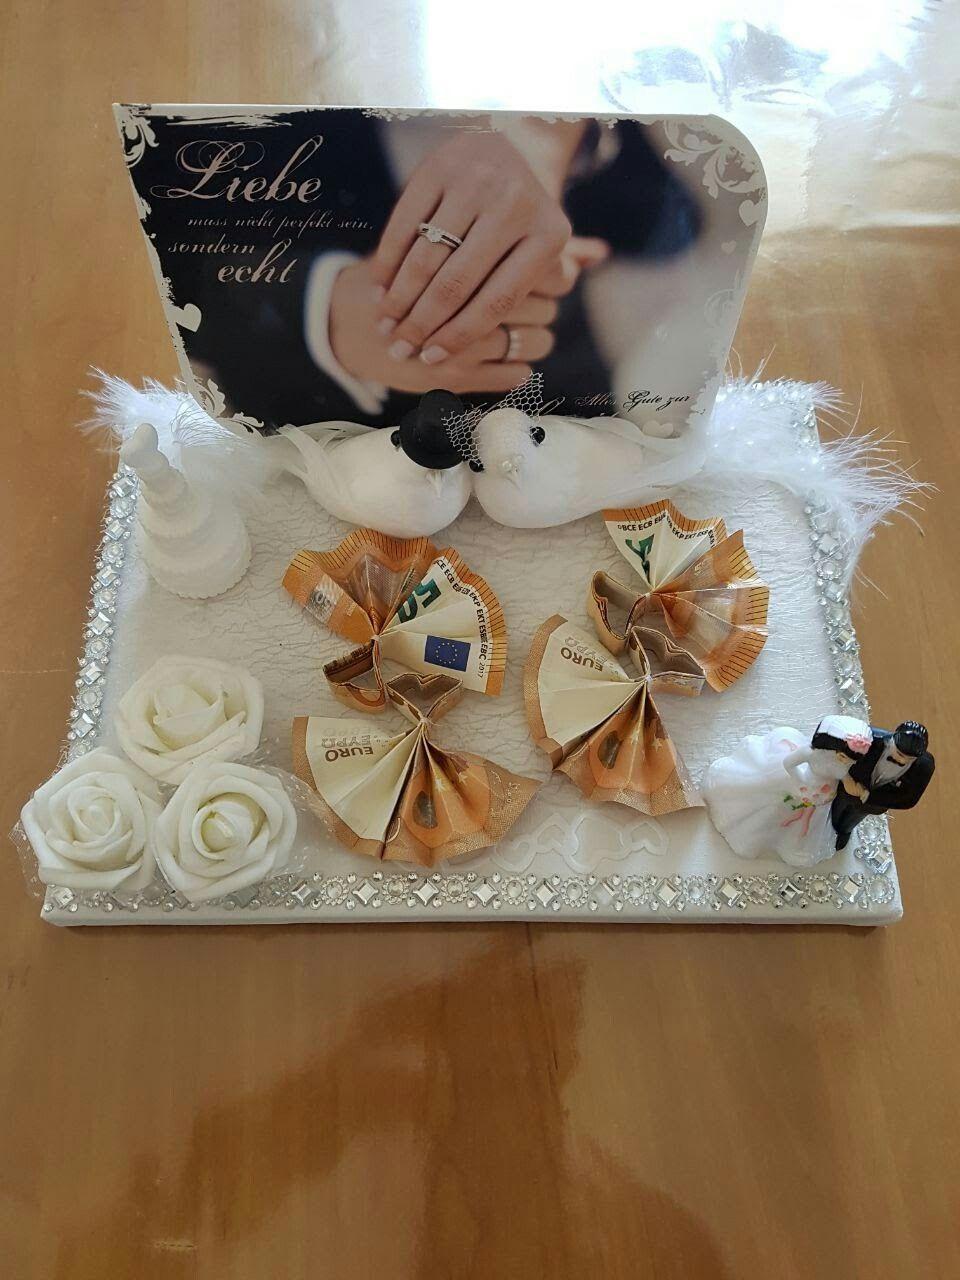 Pin Von Toth Anita Auf Projects To Try Geldgeschenke Hochzeit Basteln Geschenk Hochzeit Hochzeit Geschenk Geld